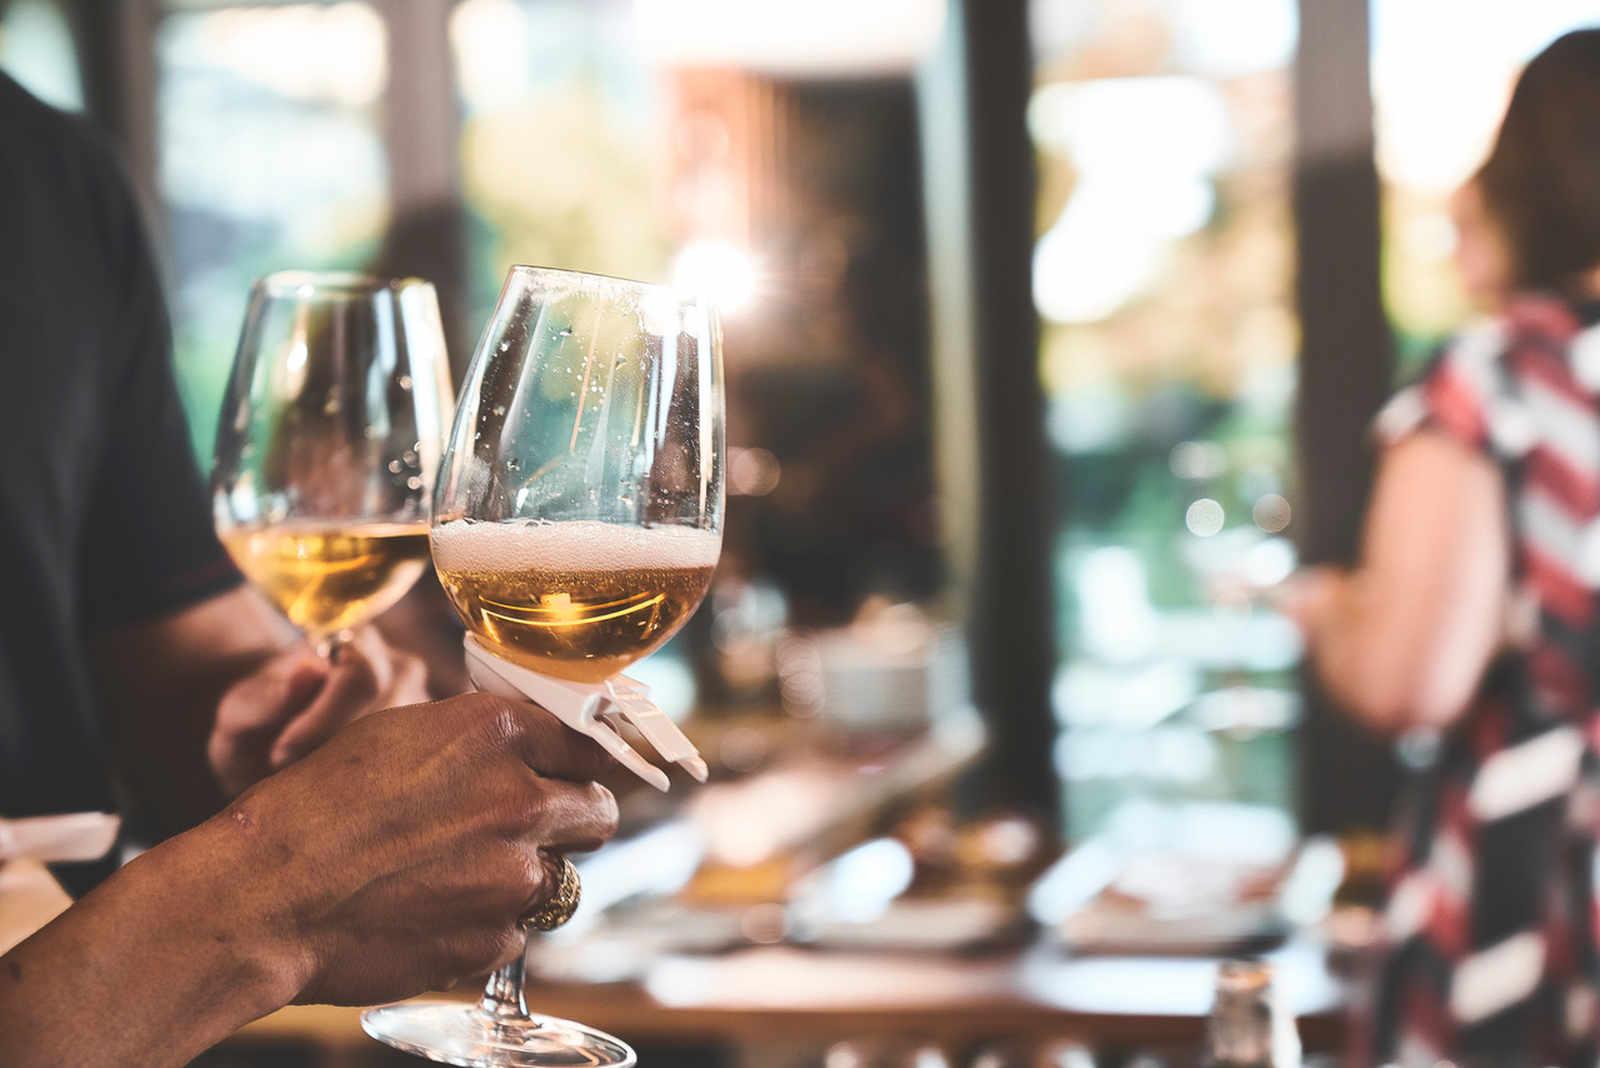 Menu de vinhos Digby, Torel Avantgarde